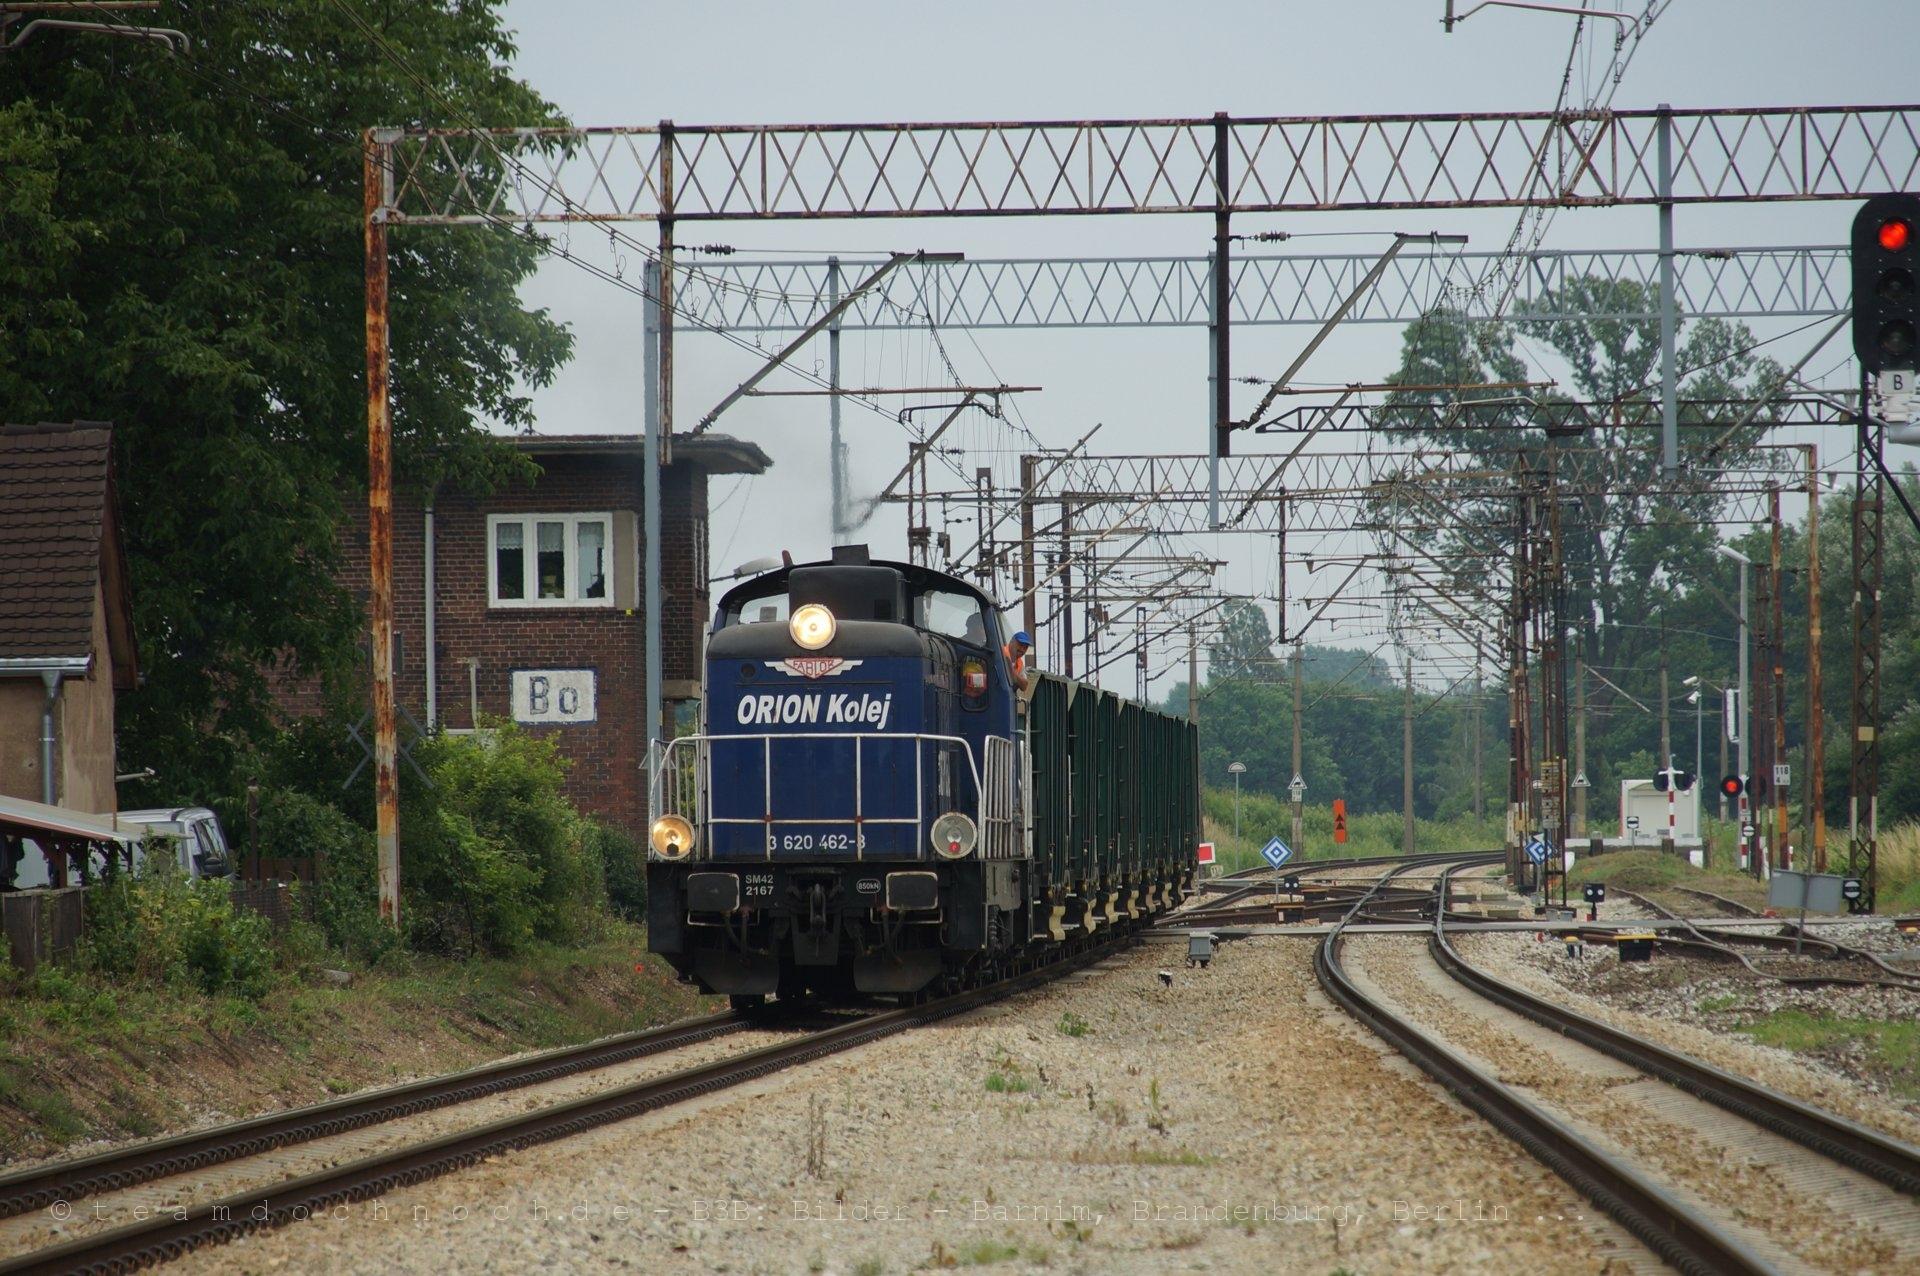 SM42 2167 / 3 620 462-8 von ORION Kolej fährt in den Bahnhof von Bytom Odrzański